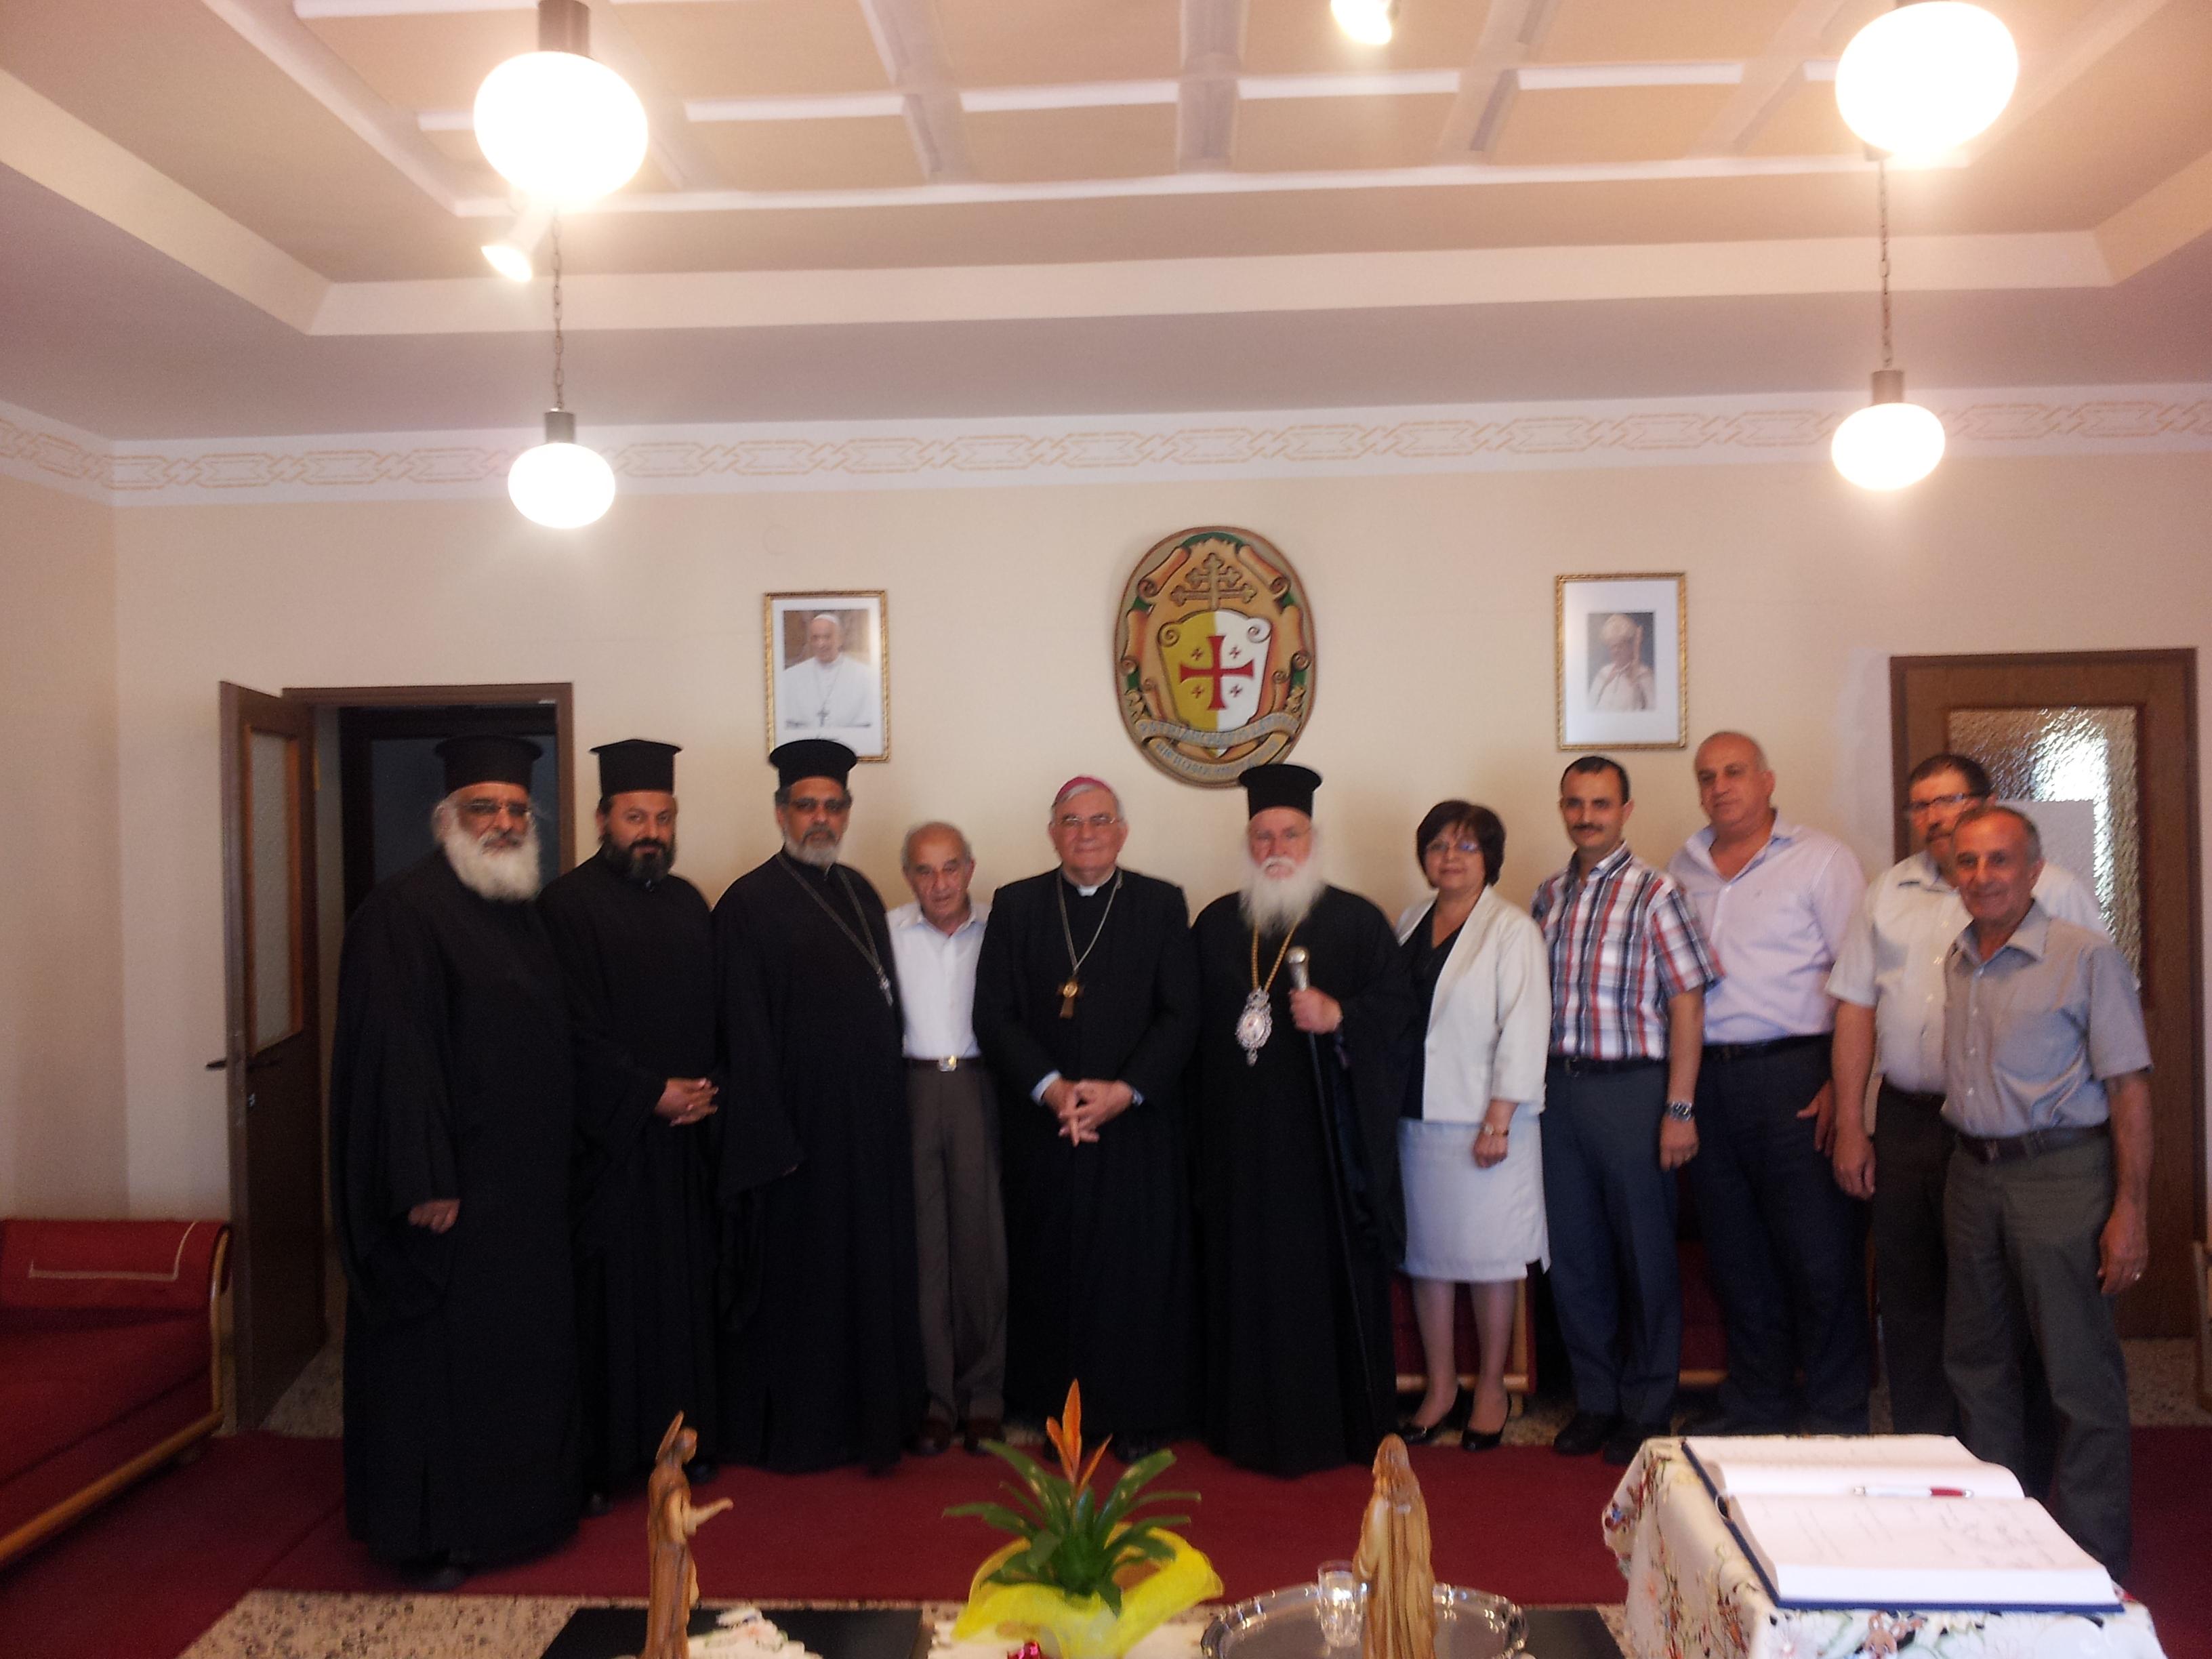 مجلس الطائفة الأرثوذكسية في الناصرة يشجب الاعتداءات العنصرية ويحذر من مؤامرة التجنيد